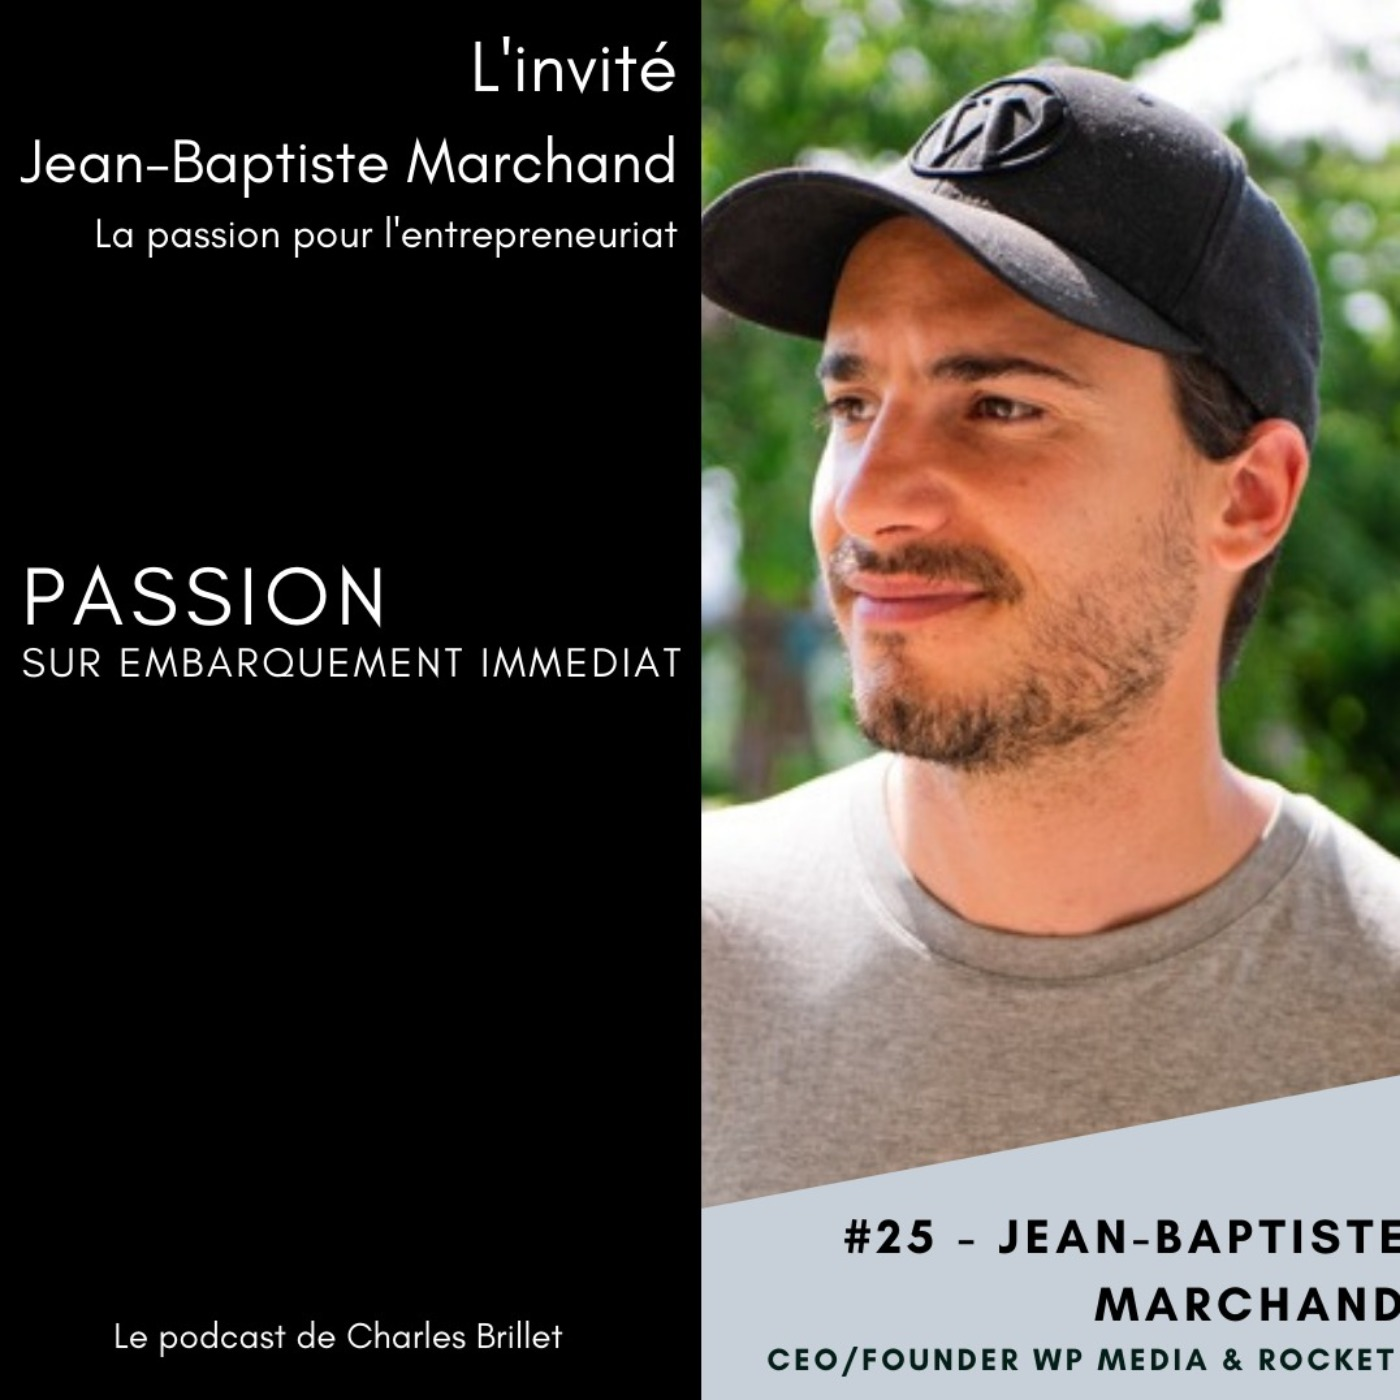 #25 - Jean-Baptiste Marchand - La passion de l'entrepreneuriat